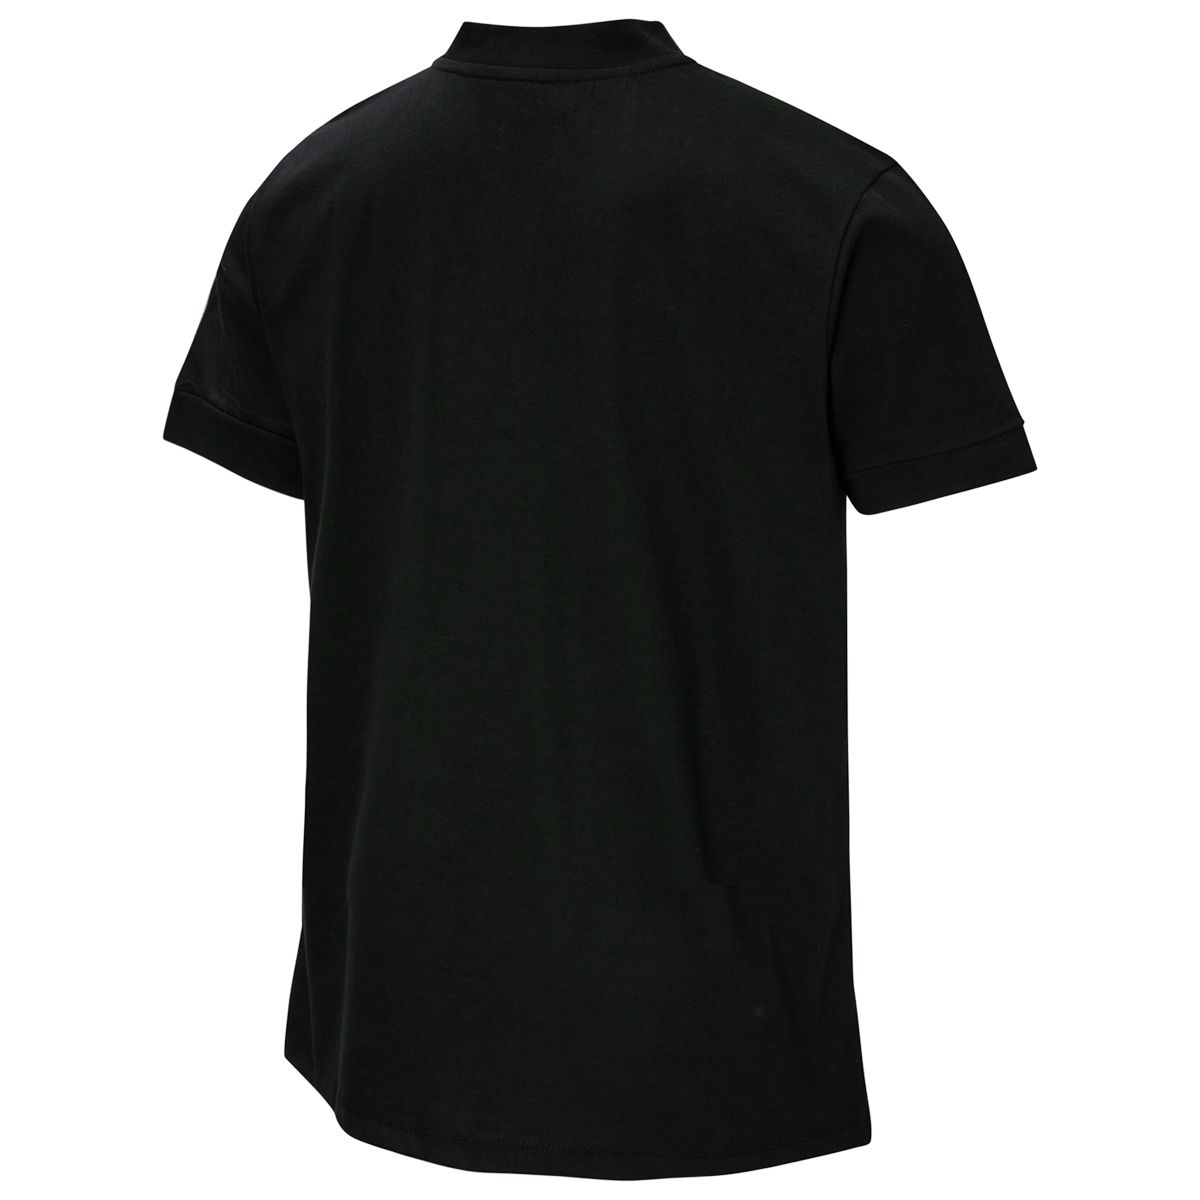 Camisa CCCP Retrô Corda União Soviética Preta